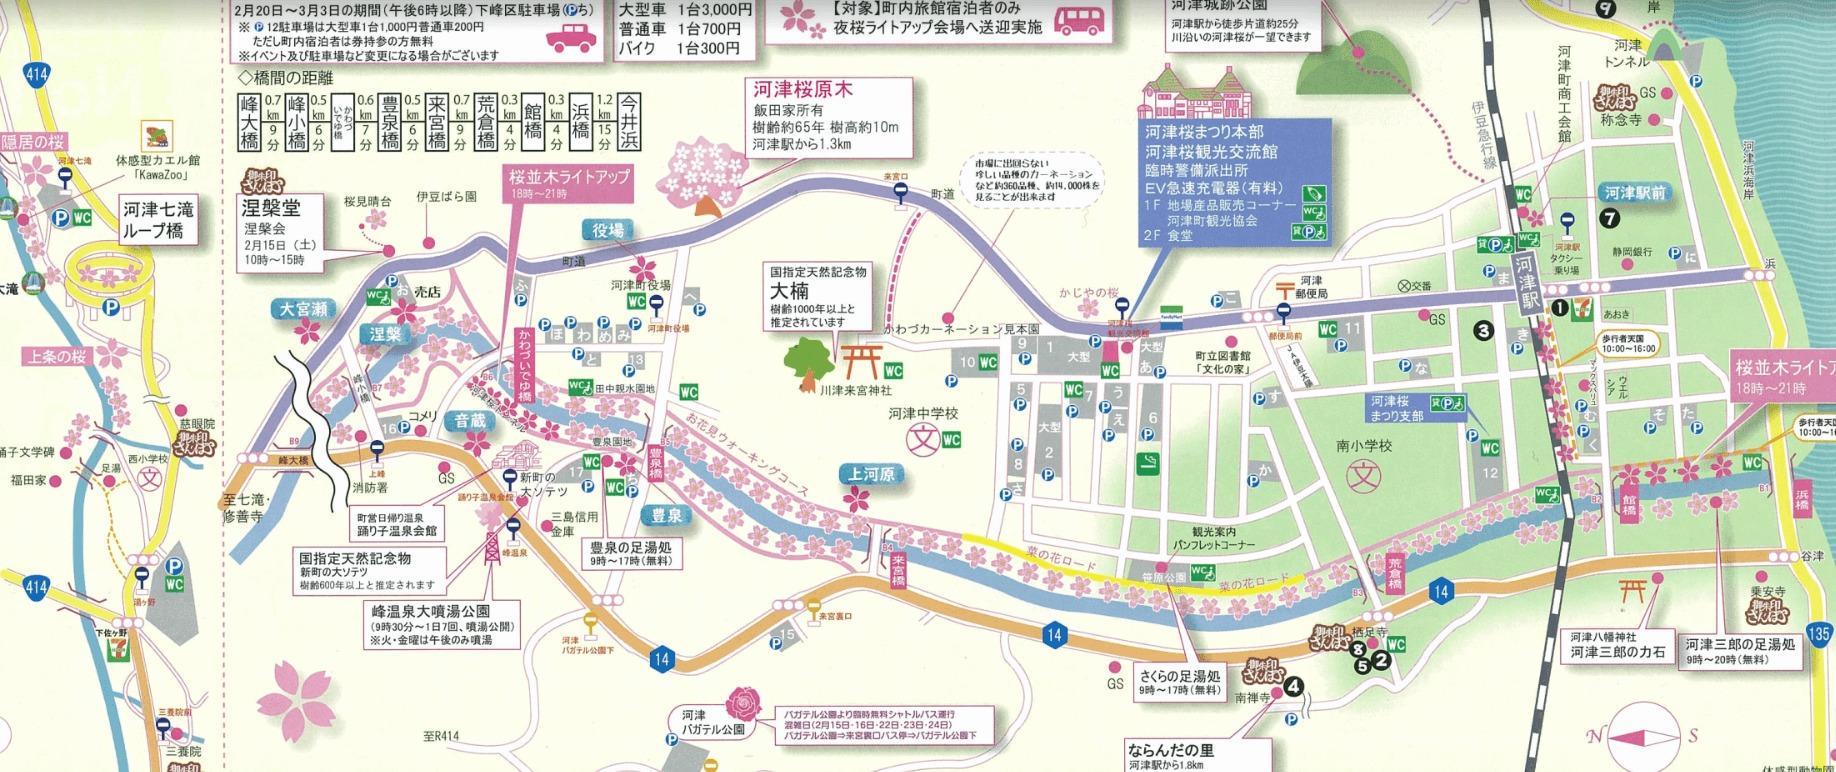 河津桜まつり 会場 駐車場 地図